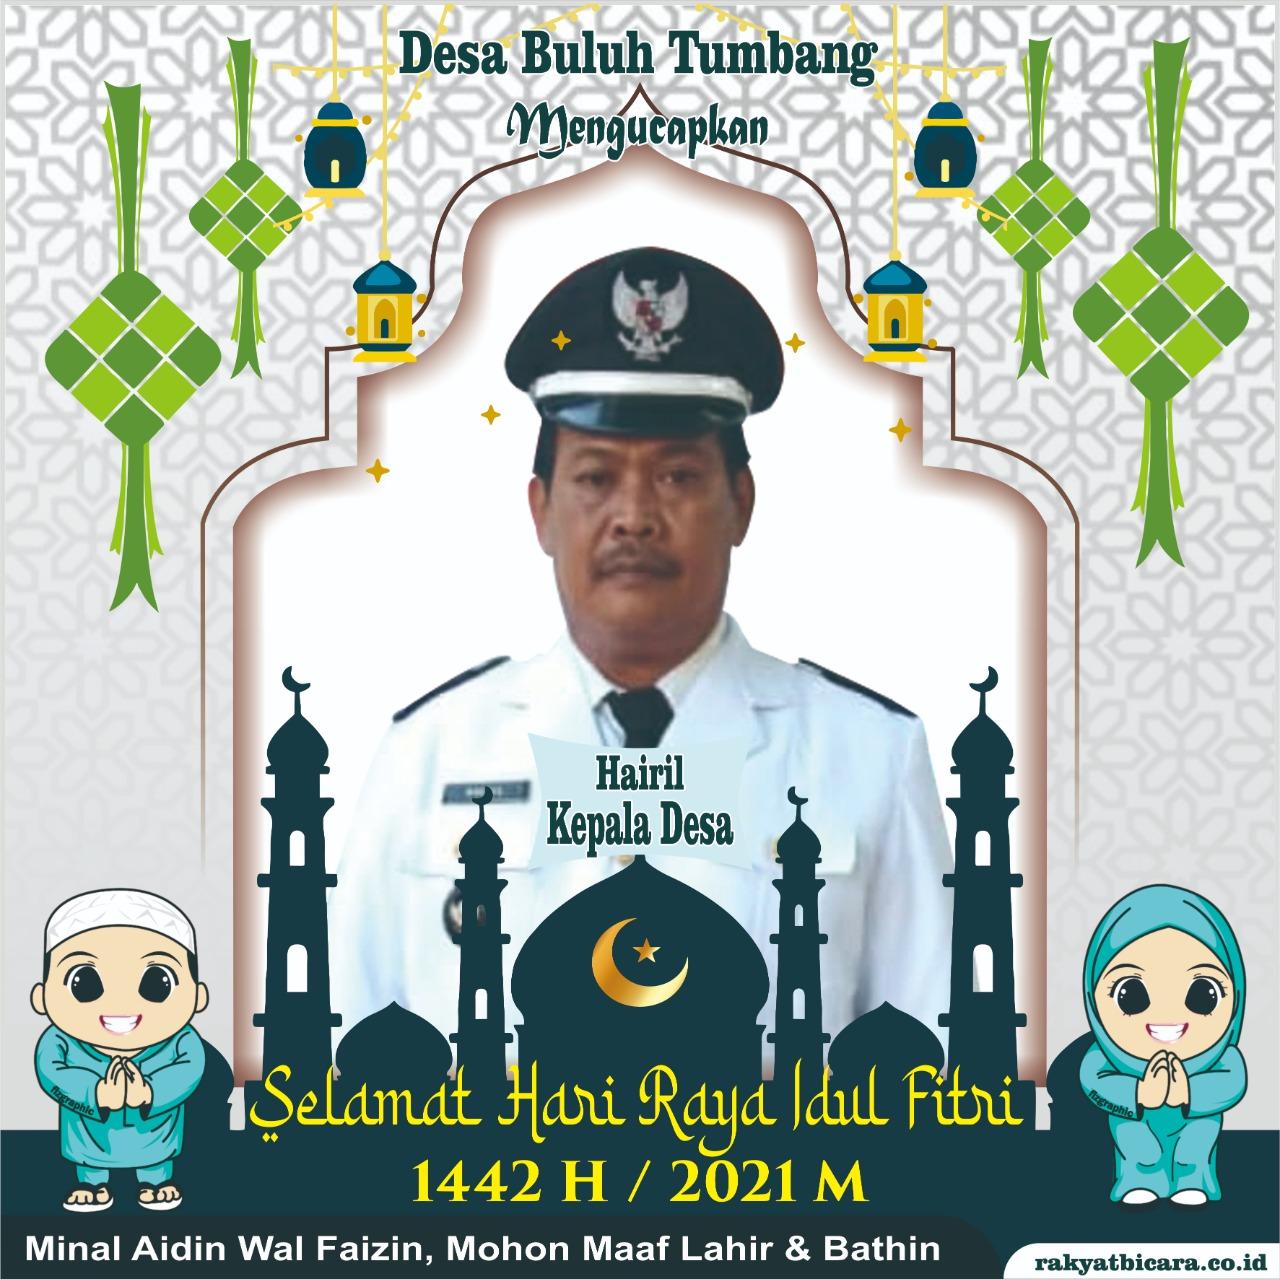 Kepala Desa Buluh Tumbang Beserta Perangkat Desa Mengucapkan: Selamat Idul Fitri 1 Syawal 1442 H